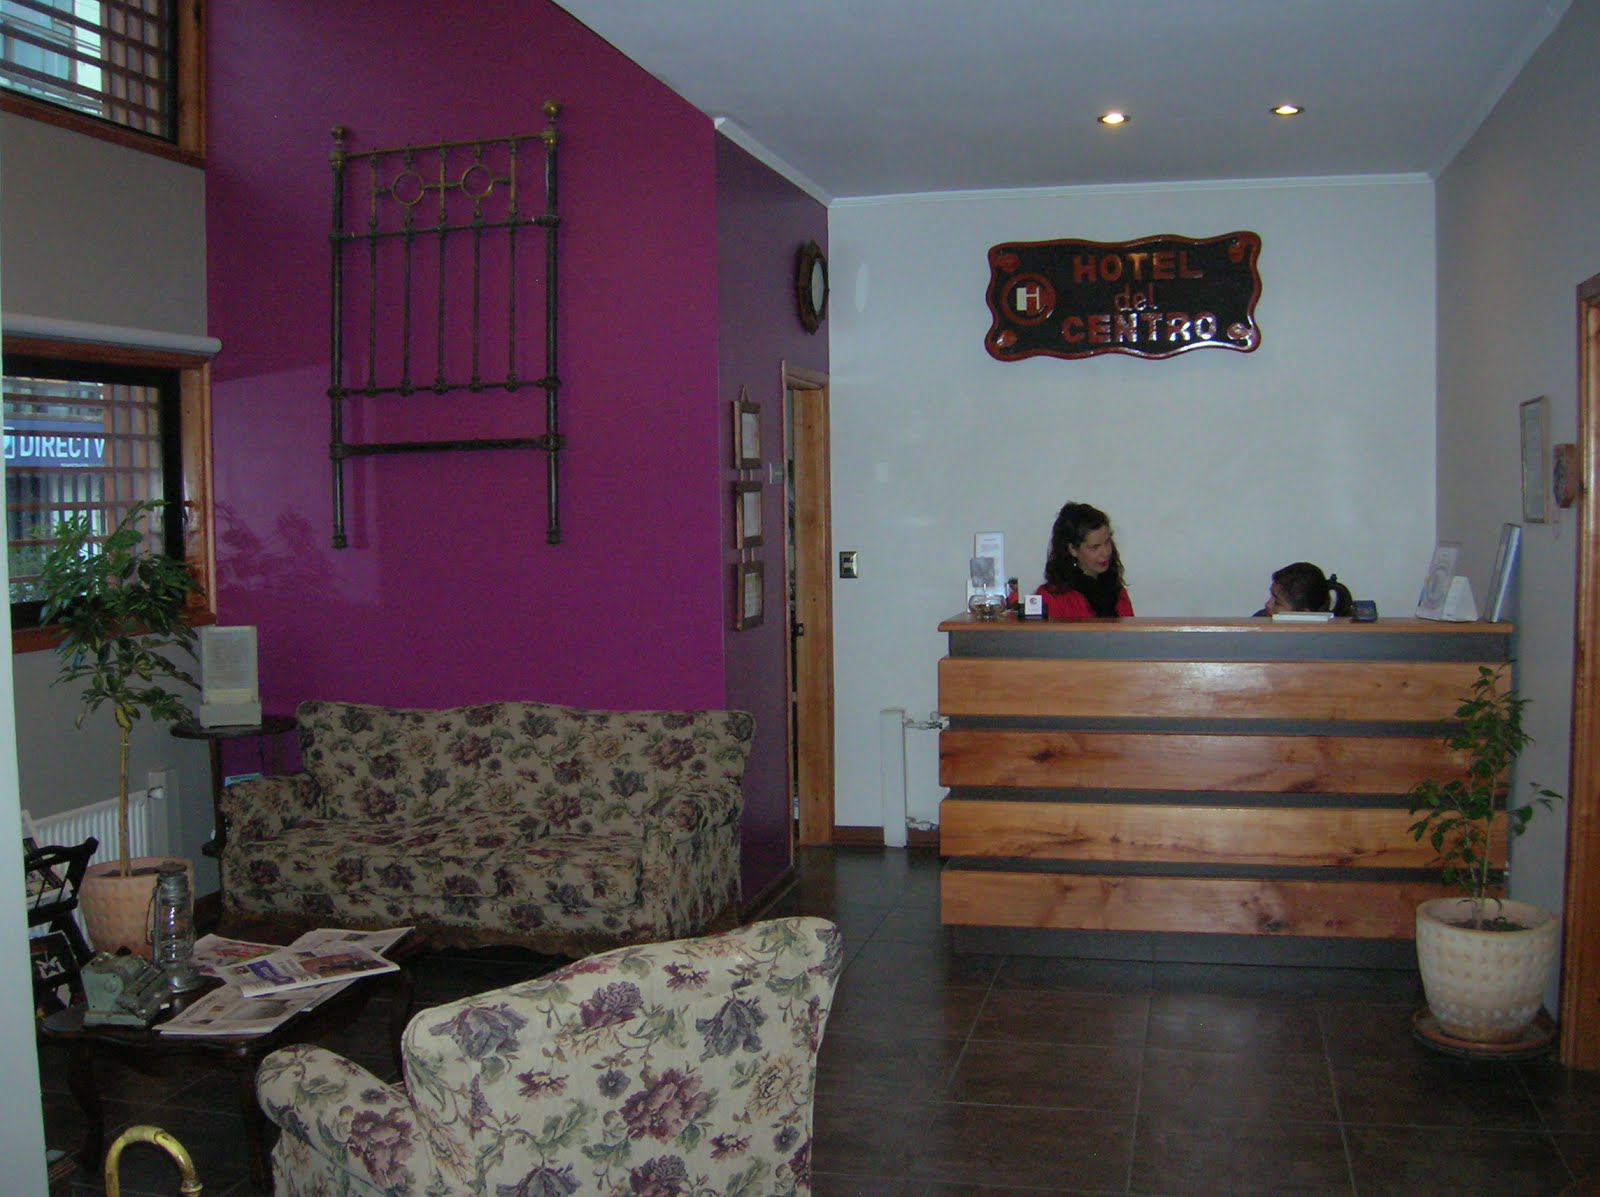 Recepción hotel Del Centro, Los Angeles, Chile, vuelta al mundo, round the world, La vuelta al mundo de Asun y Ricardo